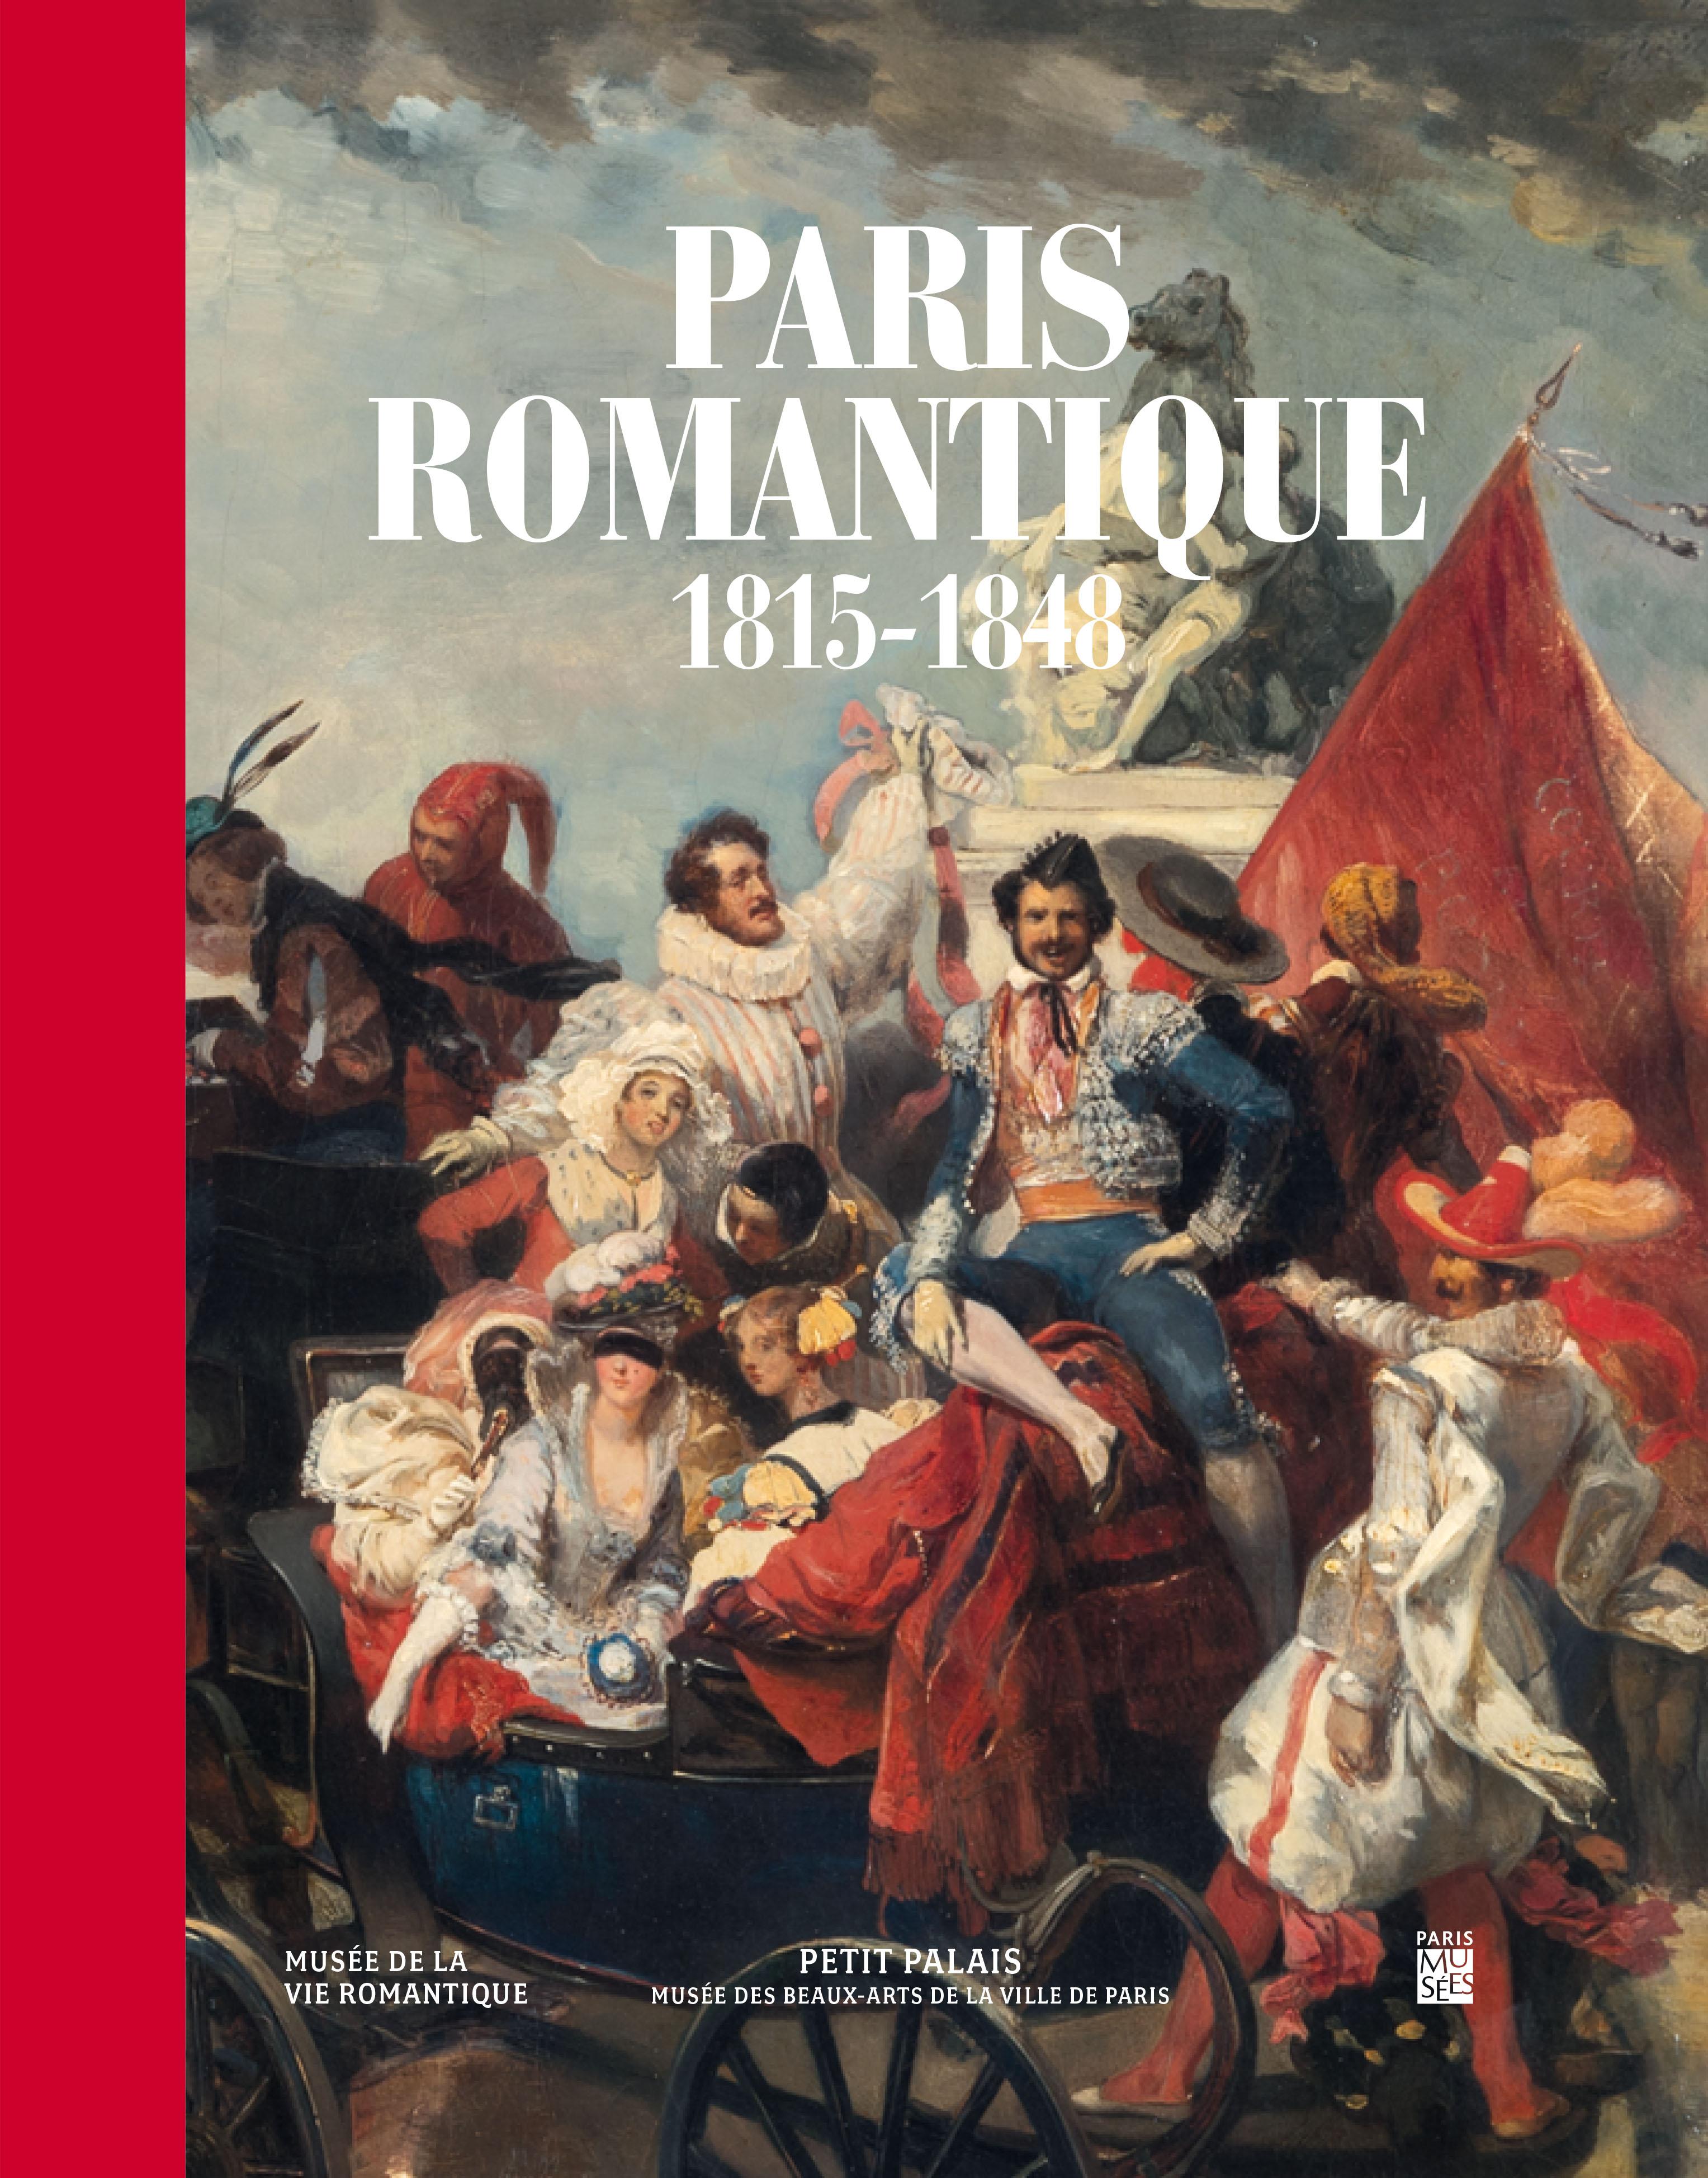 Couverture du catalogue Paris romantique